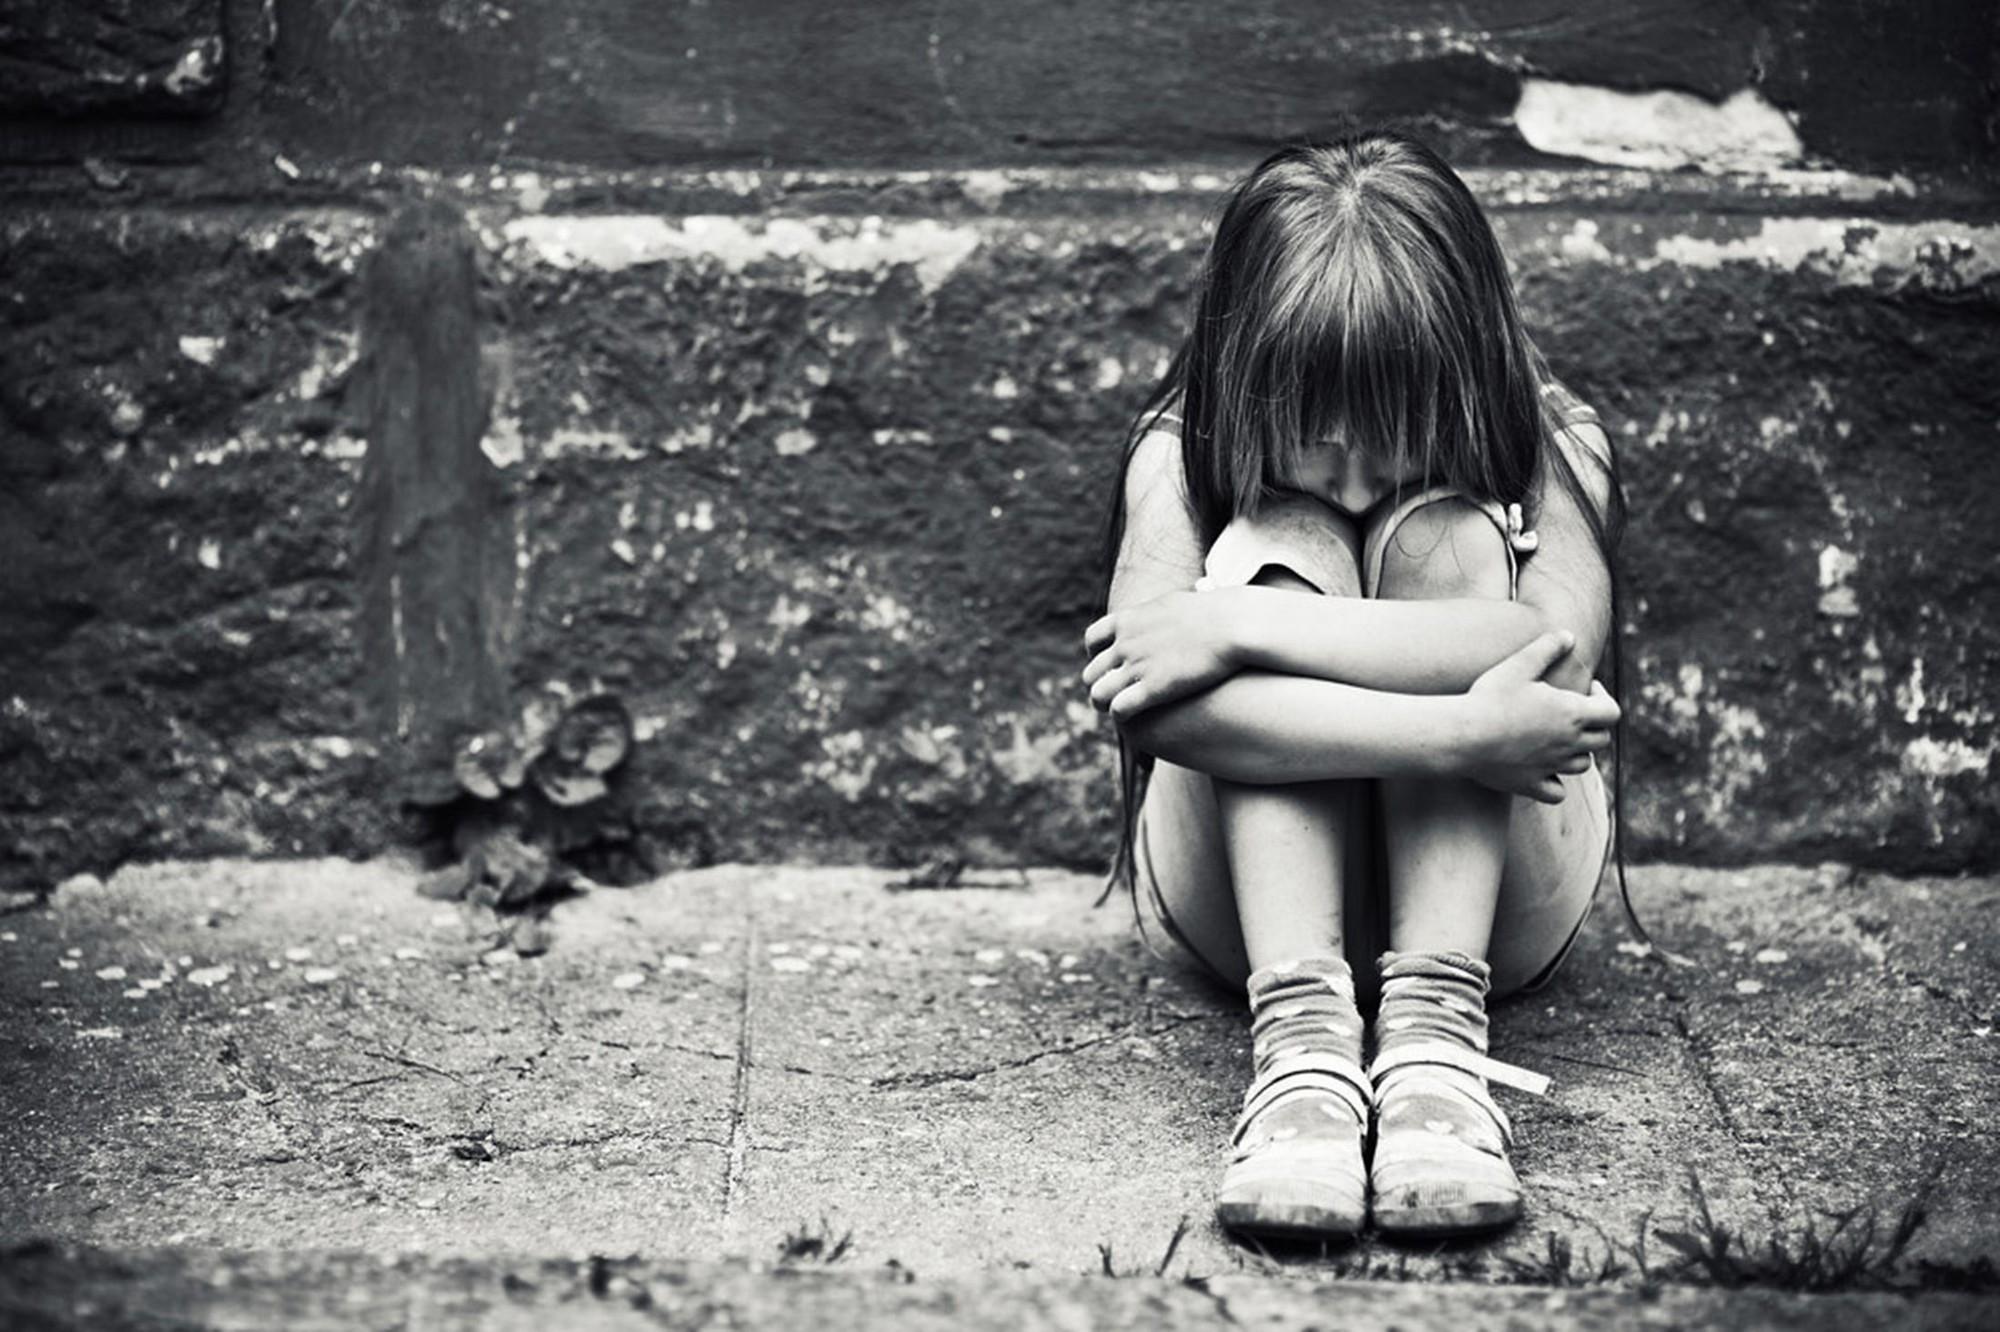 Con số đáng sợ: Tỷ lệ trầm cảm của con gái tuổi mới lớn cao GẤP 3 LẦN con trai - Ảnh 1.